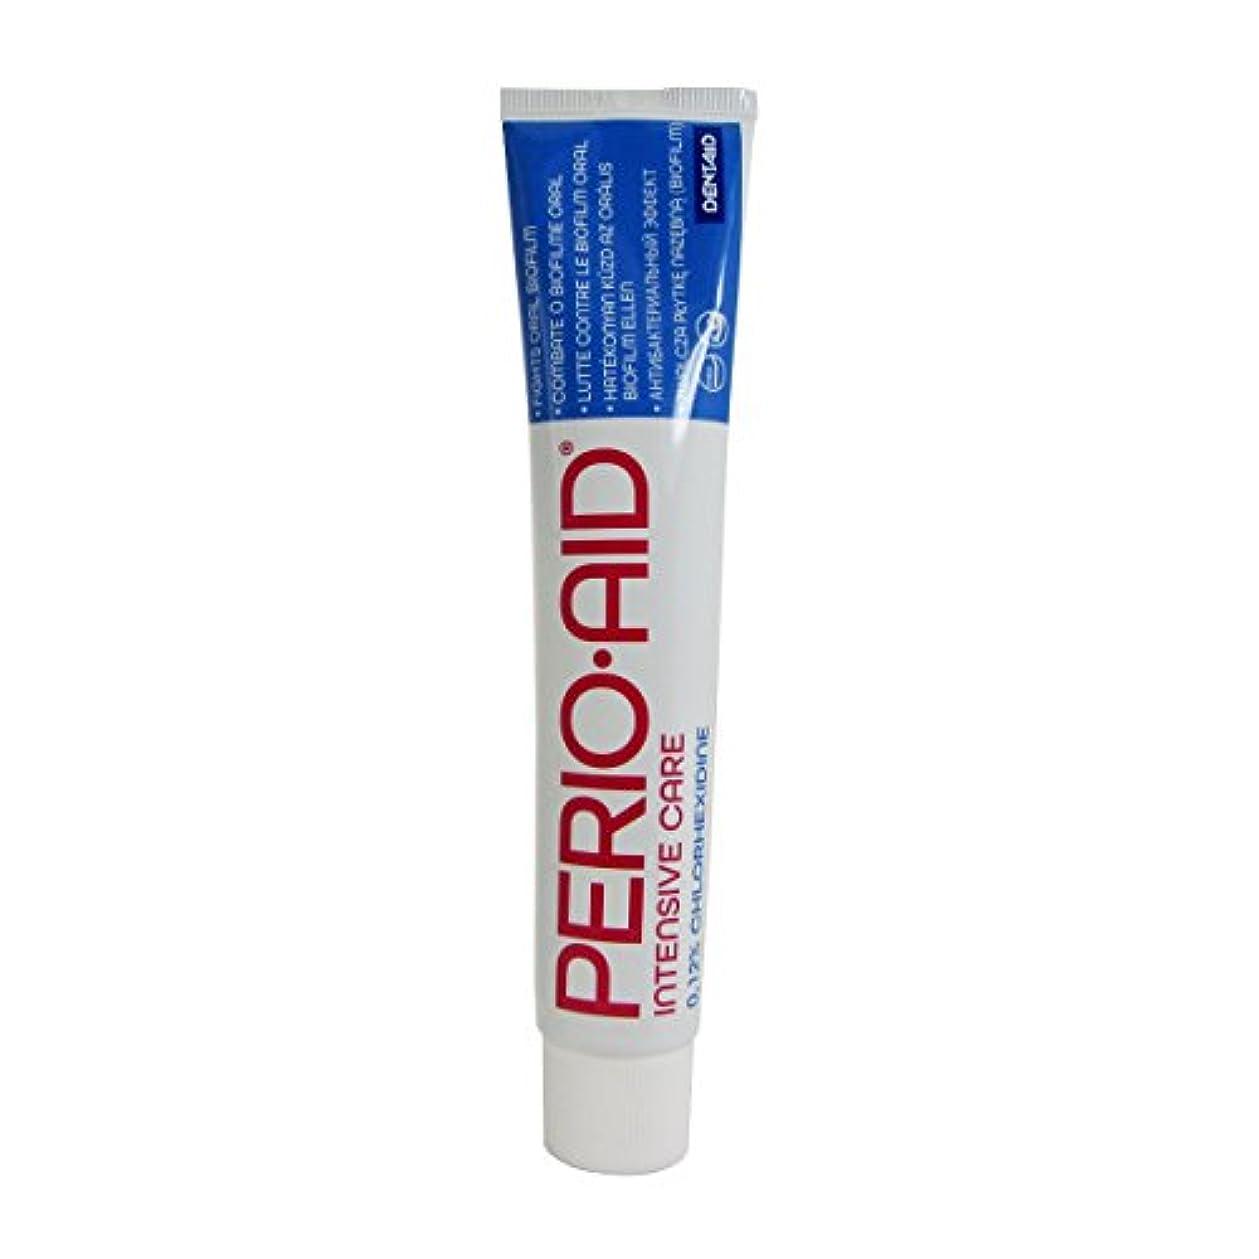 透過性保険をかけるテントPerio-aid Treatment Gel Toothpaste 75ml [並行輸入品]